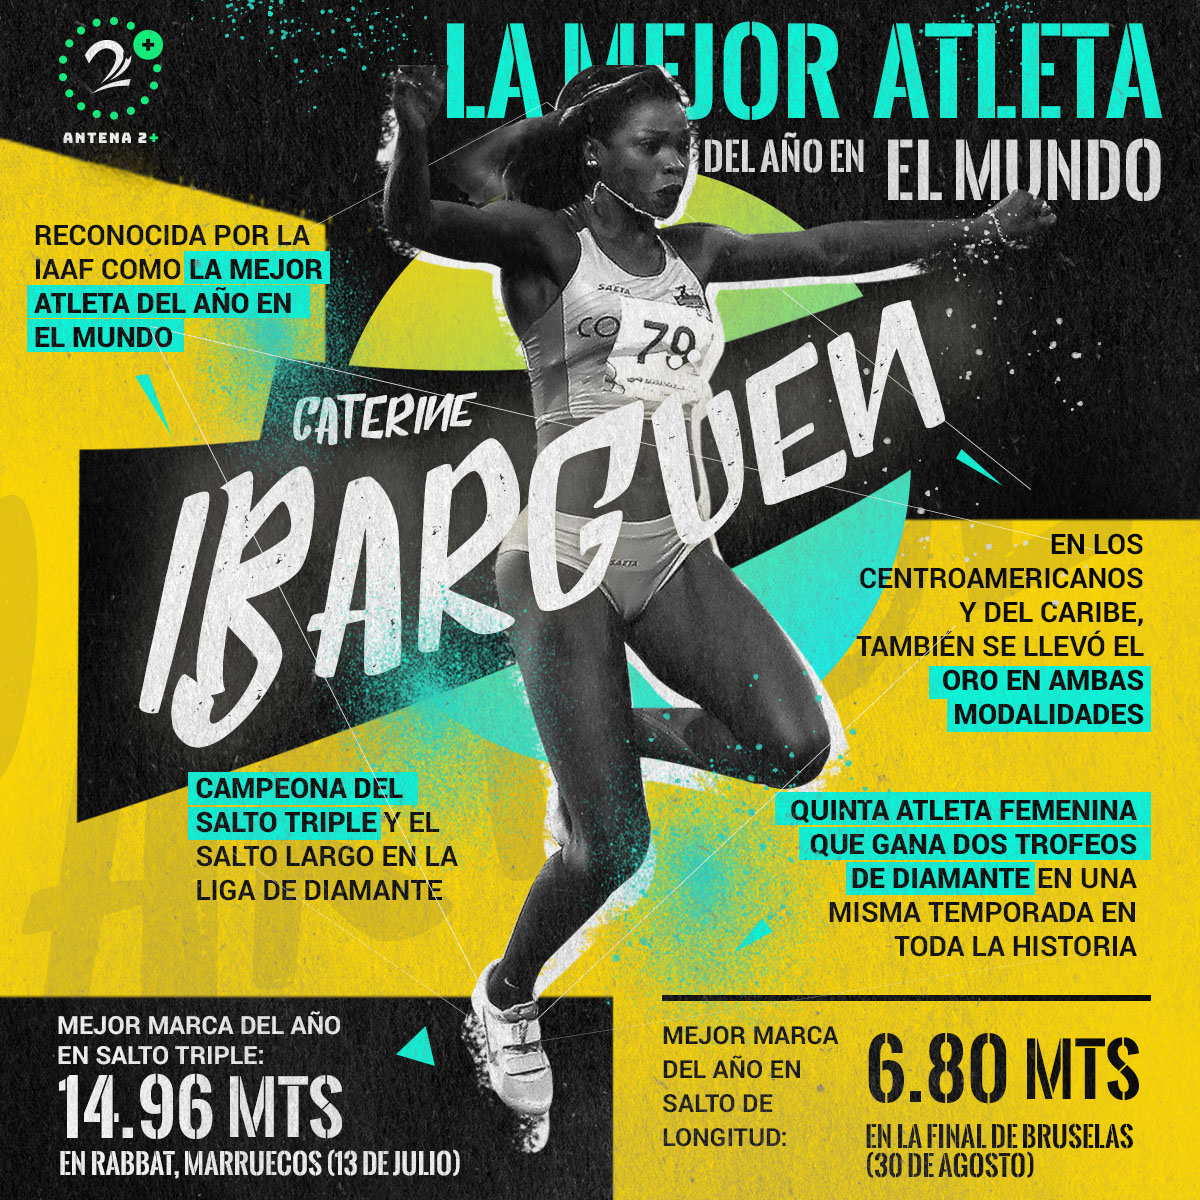 Caterine Ibargüen, deportista colombiana del año